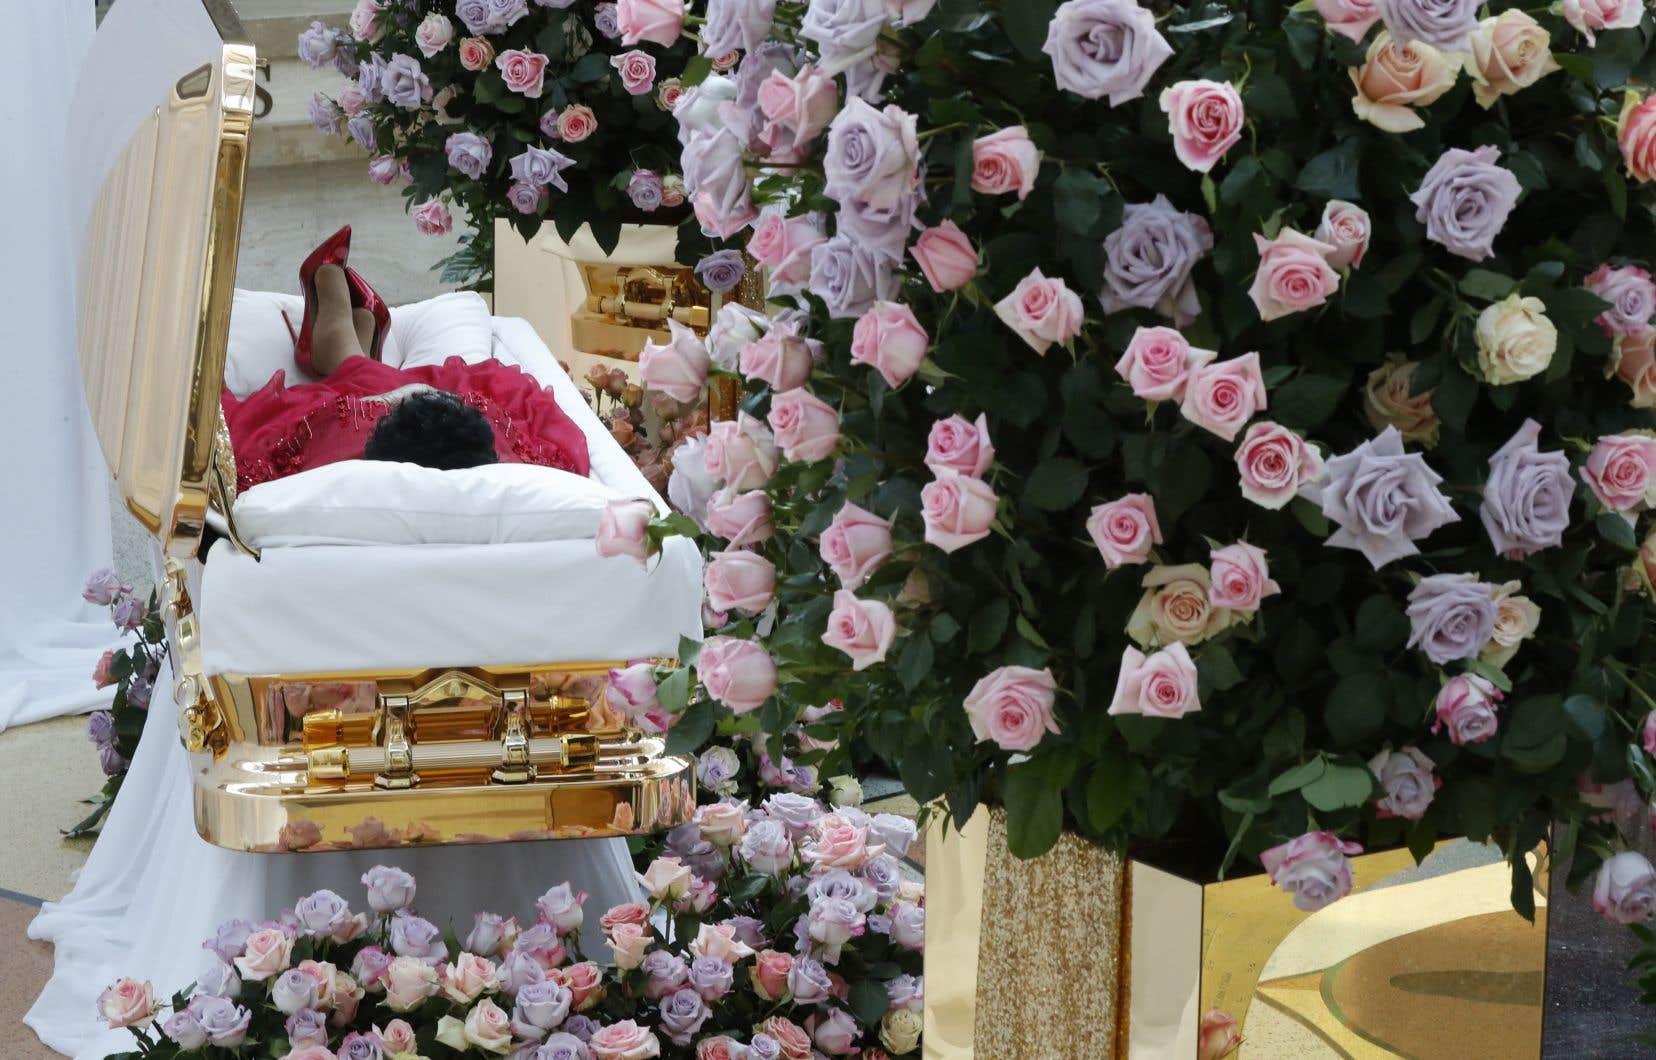 Son cercueil étincelant a été déposé au milieu d'énormes bouquets de roses dans le musée Charles H. Wright, à Détroit, dédié à l'histoire des Noirs américains.